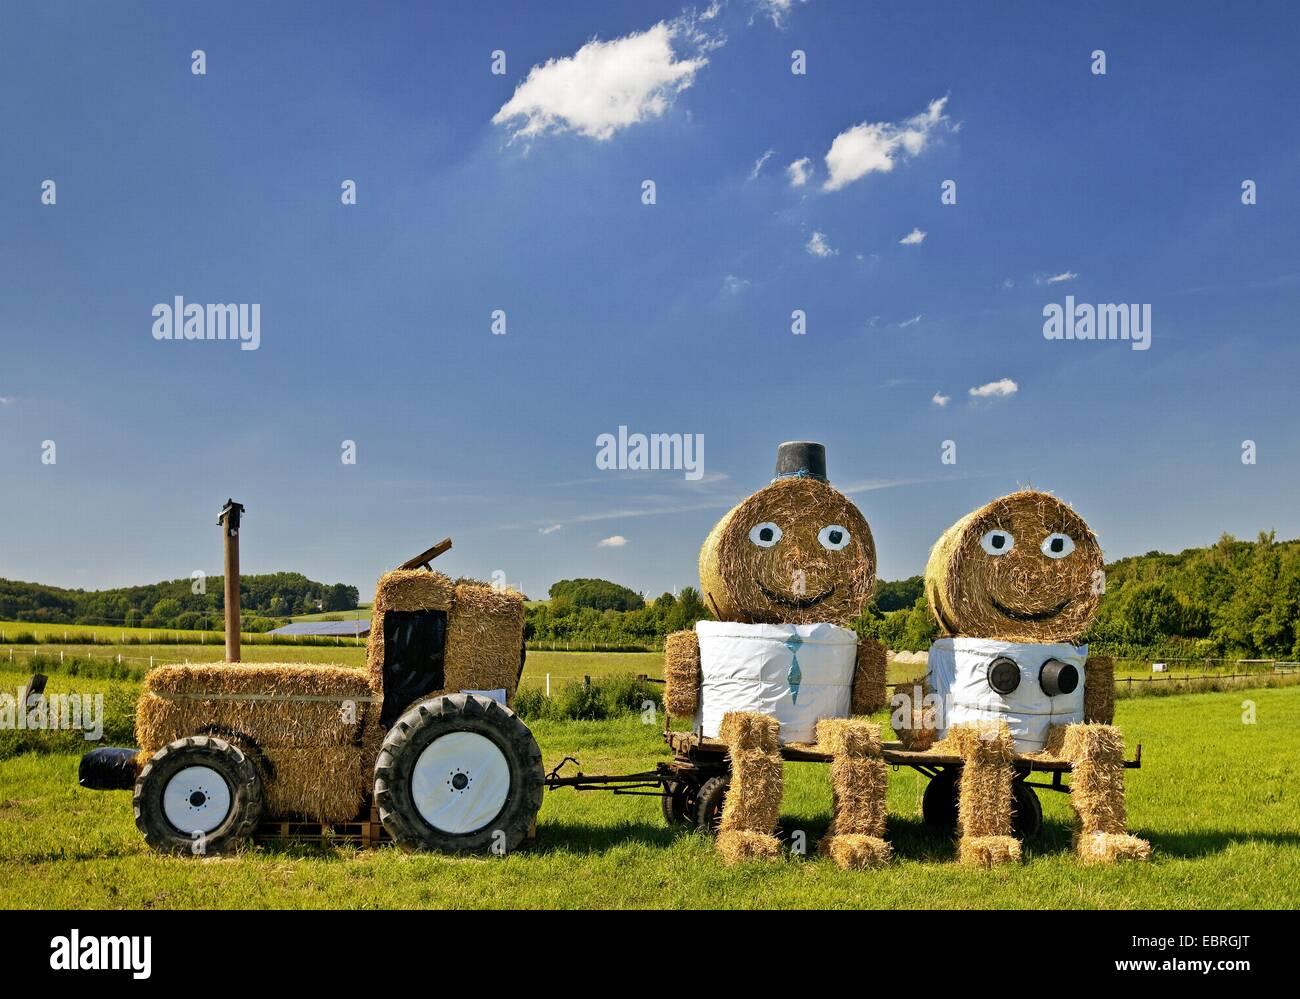 Traktor und ein paar gemacht von Strohballen, Deutschland, Nordrhein-Westfalen, Coesfeld Stockbild